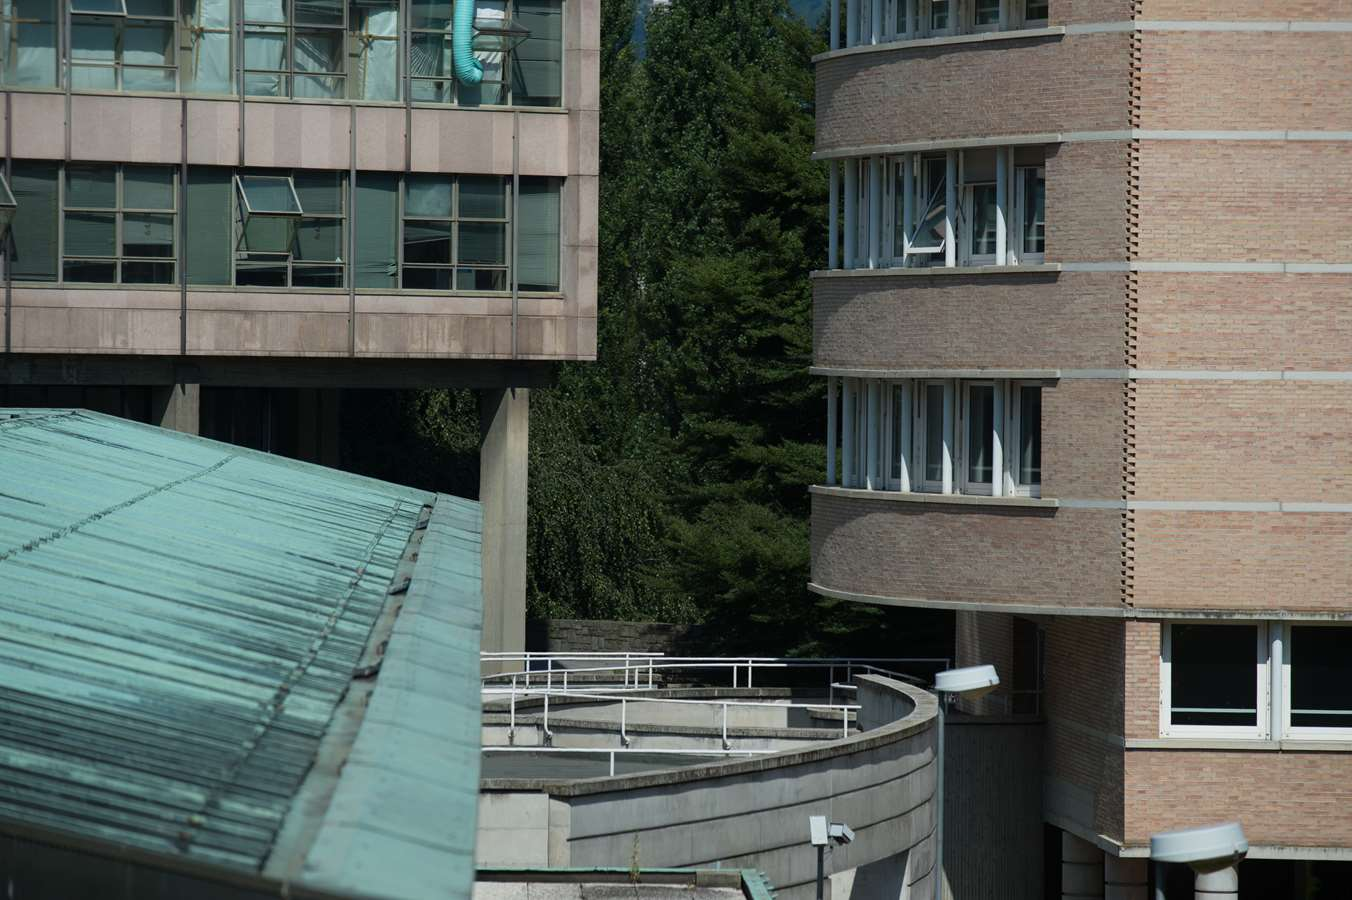 Nuovo_Palazzo-Uffici-5-8